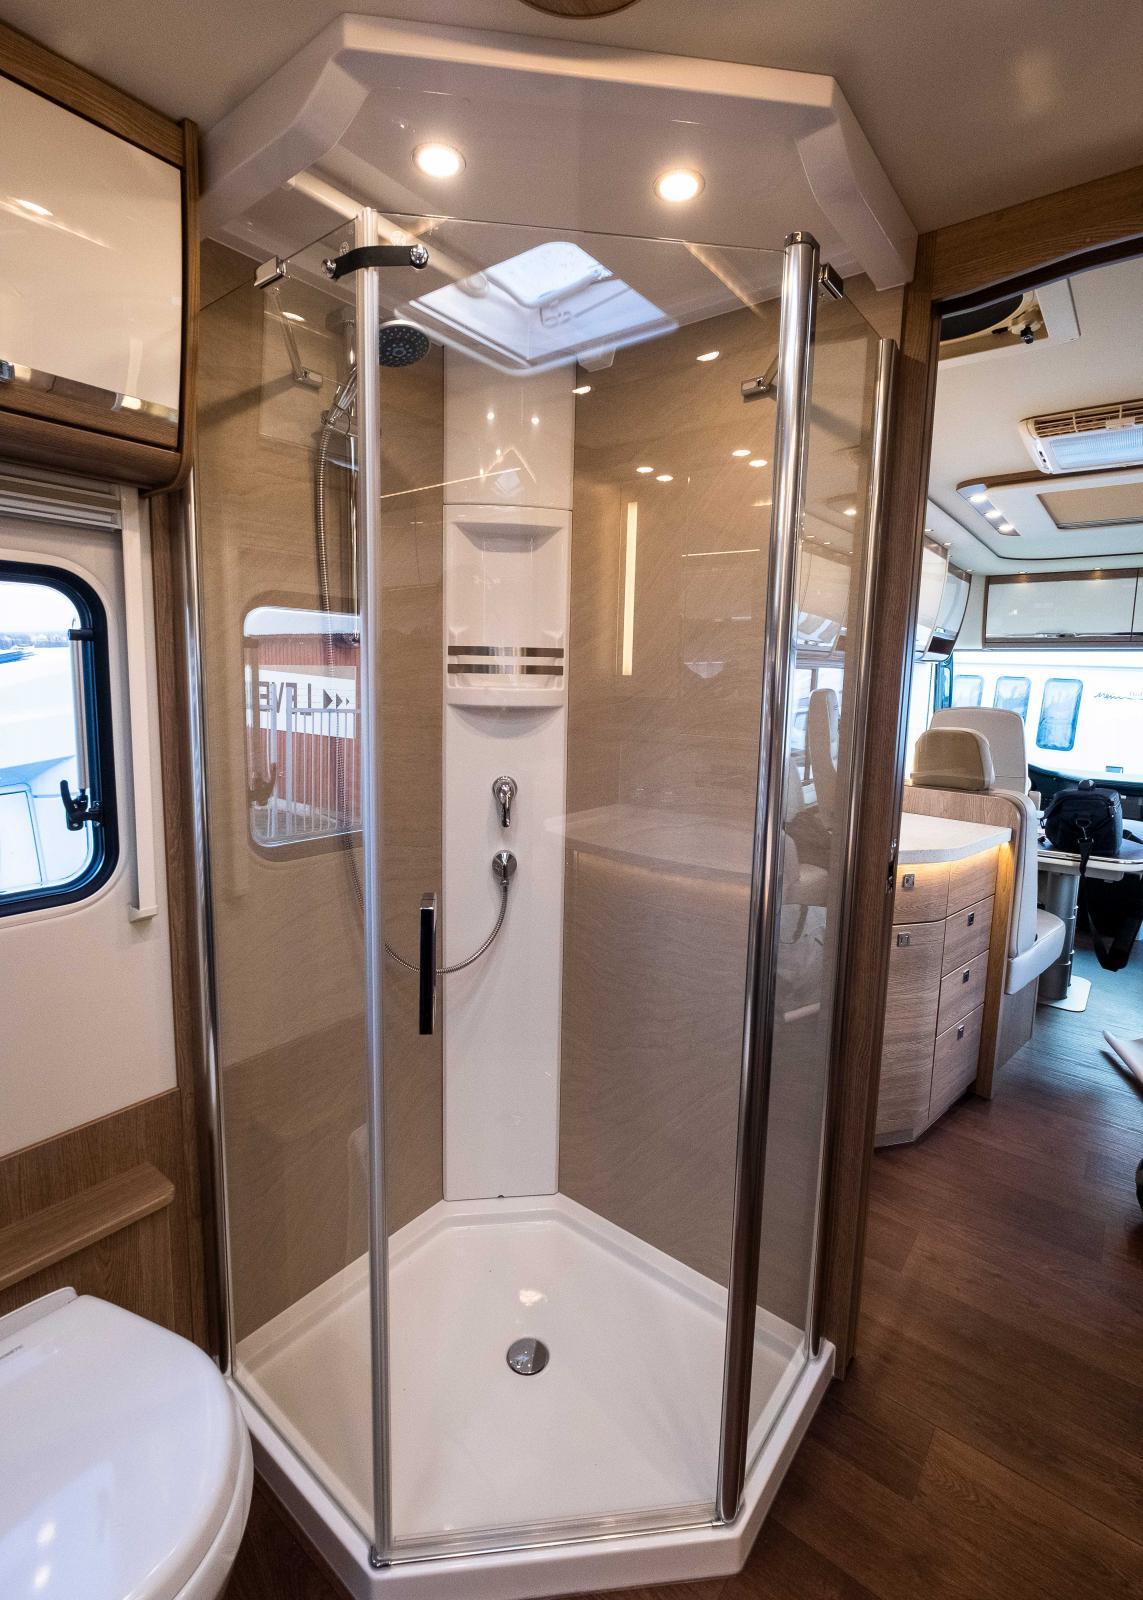 En duschkabin som lika gärna kunde stå hemma i villan, lägenheten eller varför inte i en svit? Det är klar hotellfeeling.